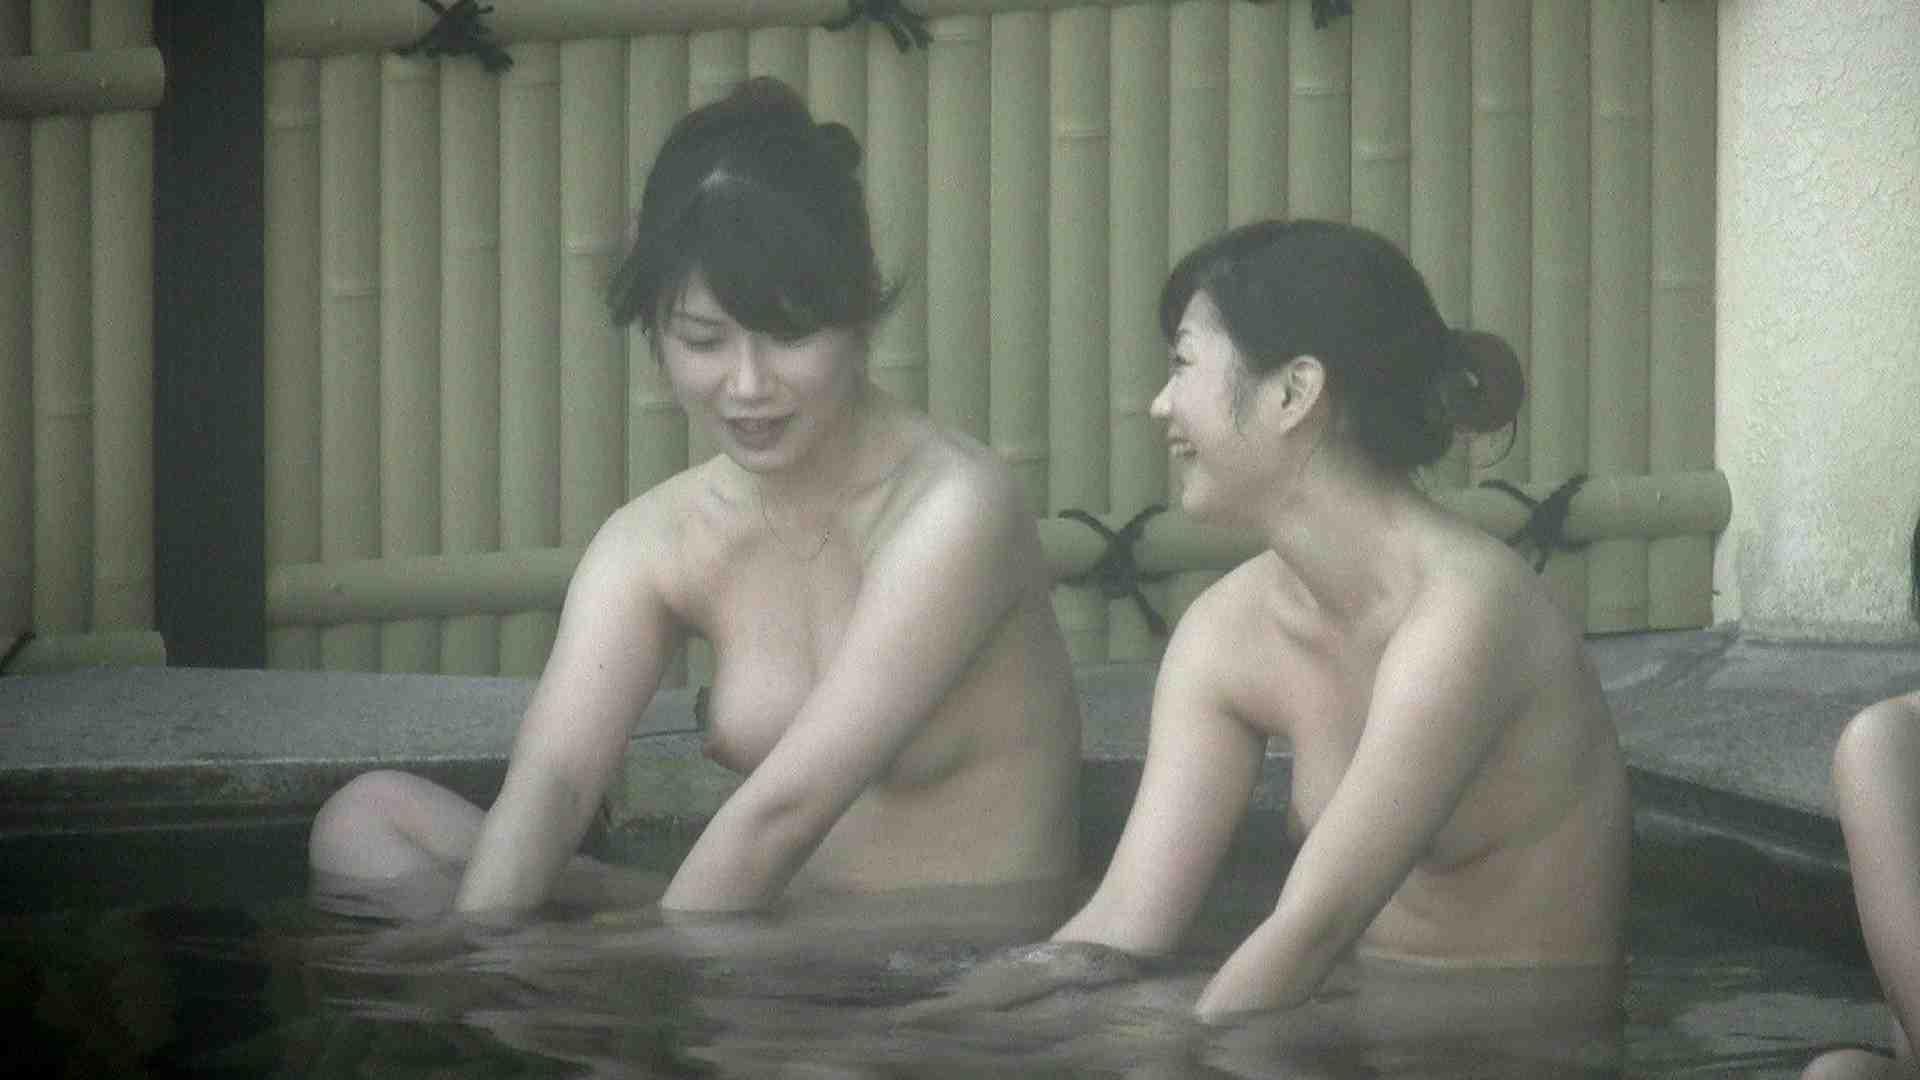 Aquaな露天風呂Vol.206 0 | 盗撮大放出  59連発 5